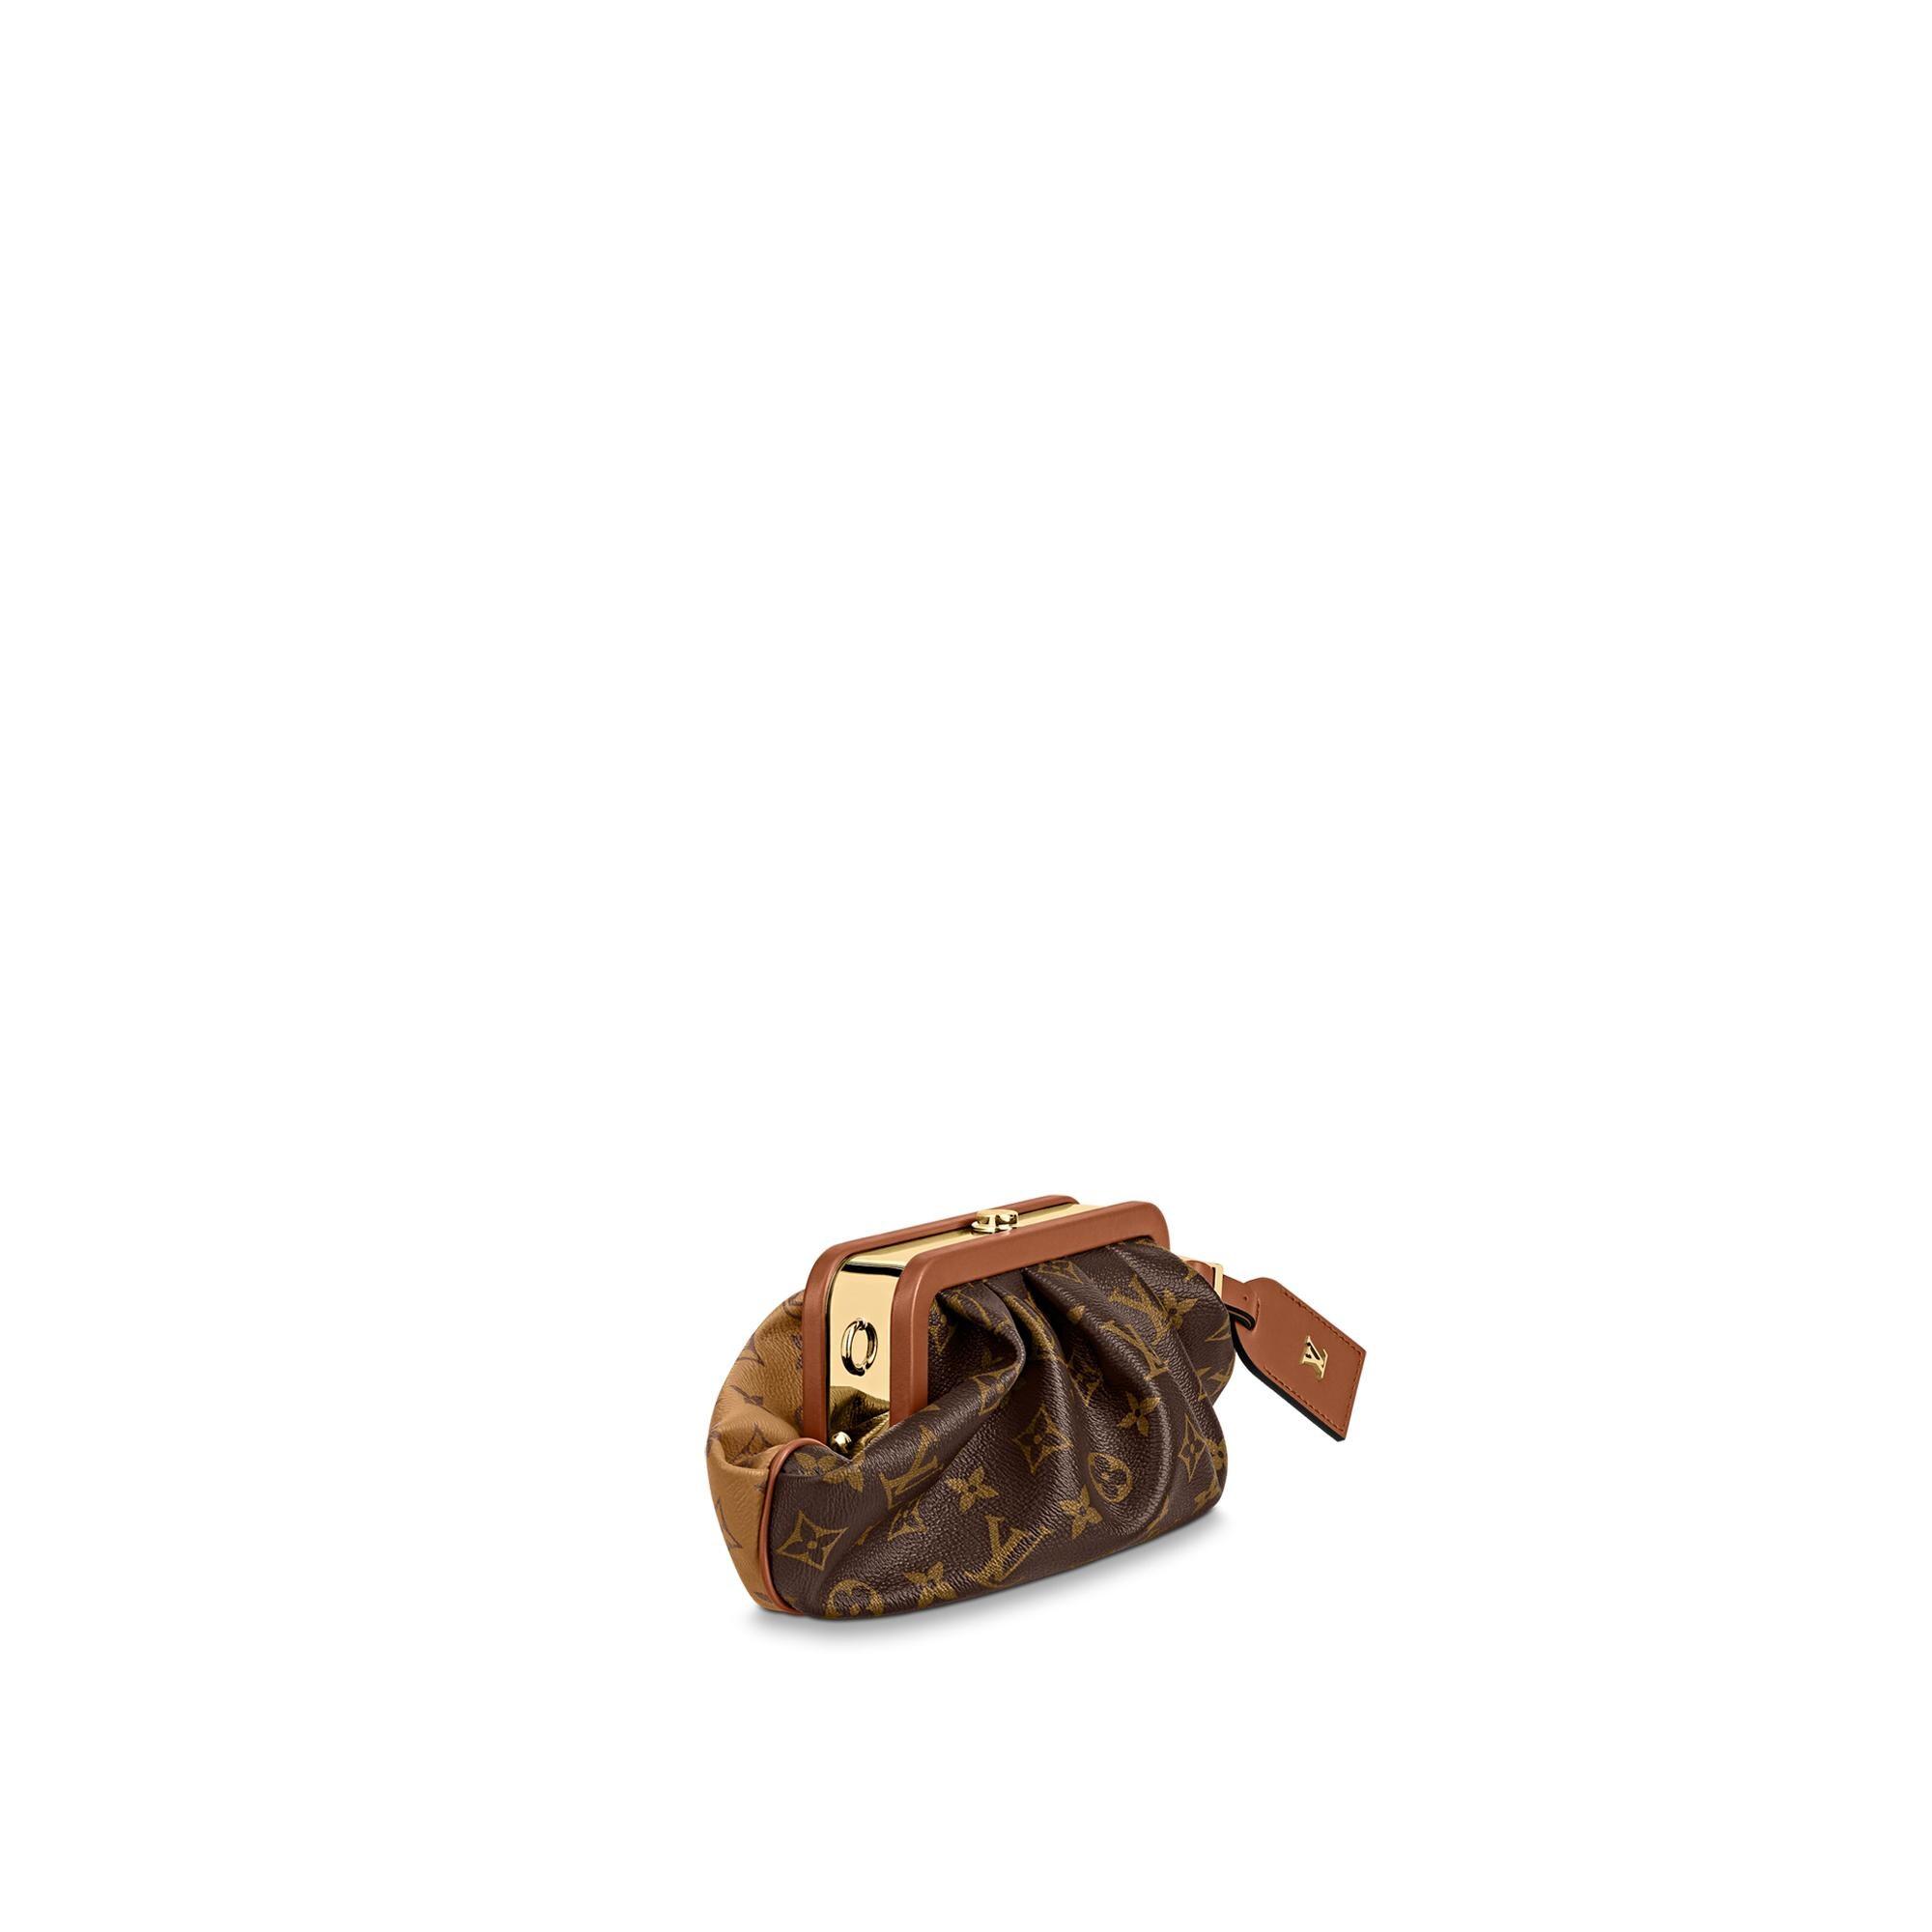 유럽직배송 루이비통 LOUIS VUITTON Boursicot EW M45229